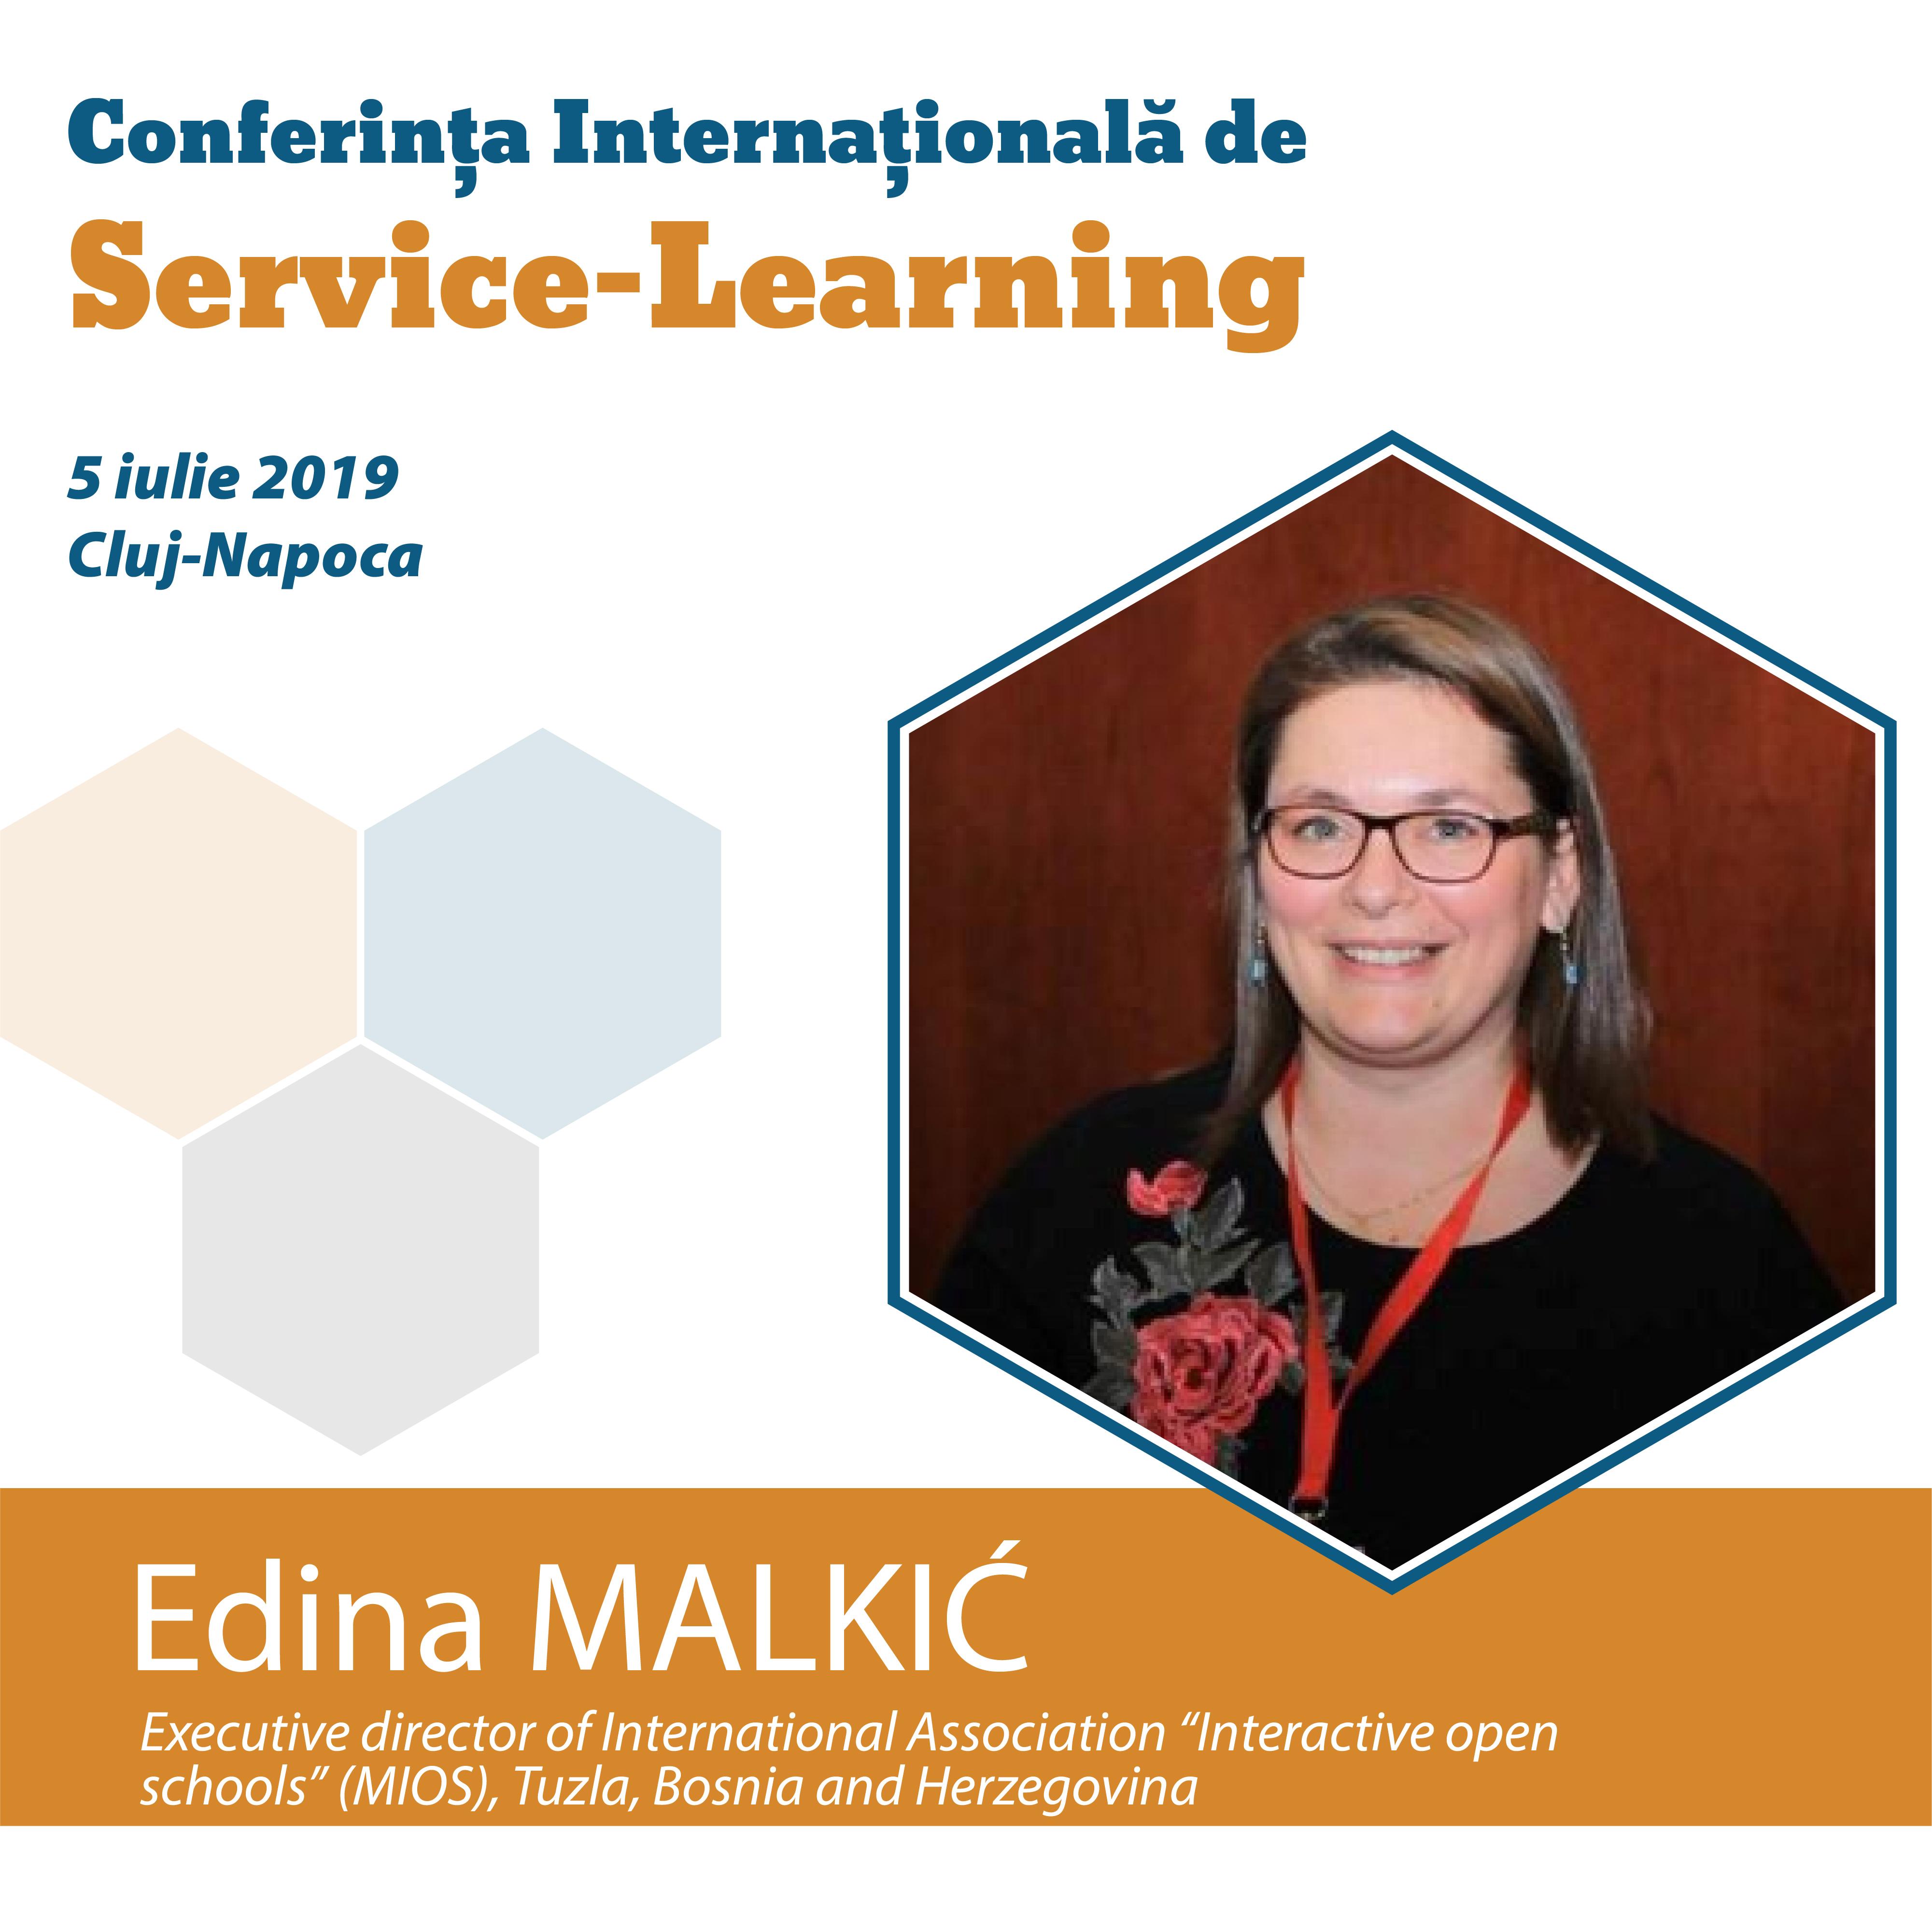 Conferința Internațională de Service-Learning, singurul eveniment de acest tip din Europa de Est, în această săptămână la Cluj-Napoca